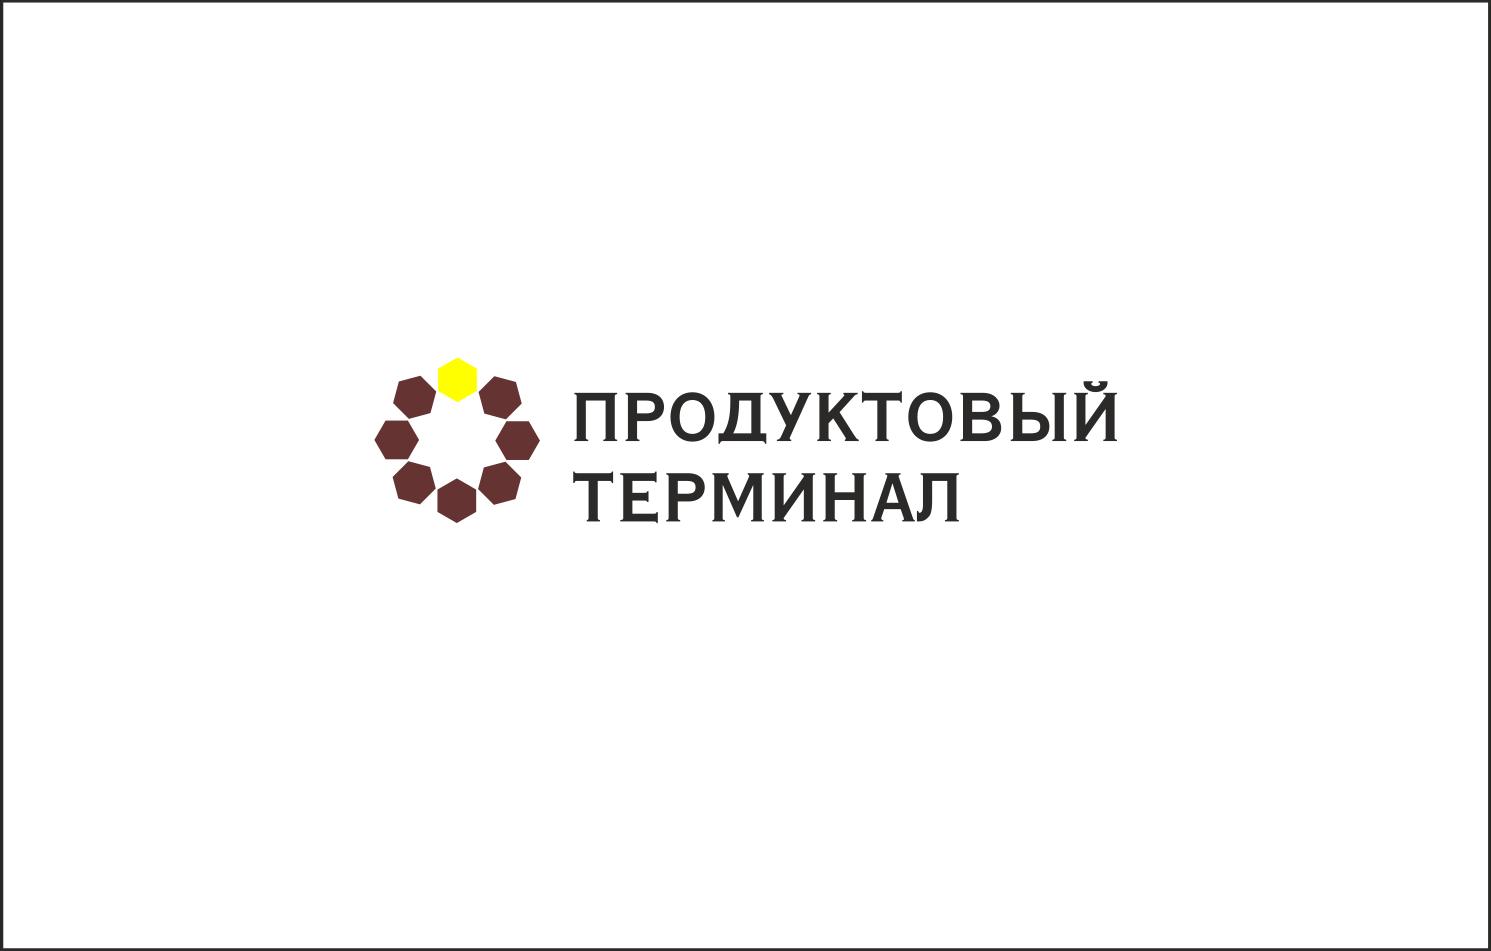 Логотип для сети продуктовых магазинов фото f_77956fa421244ede.png